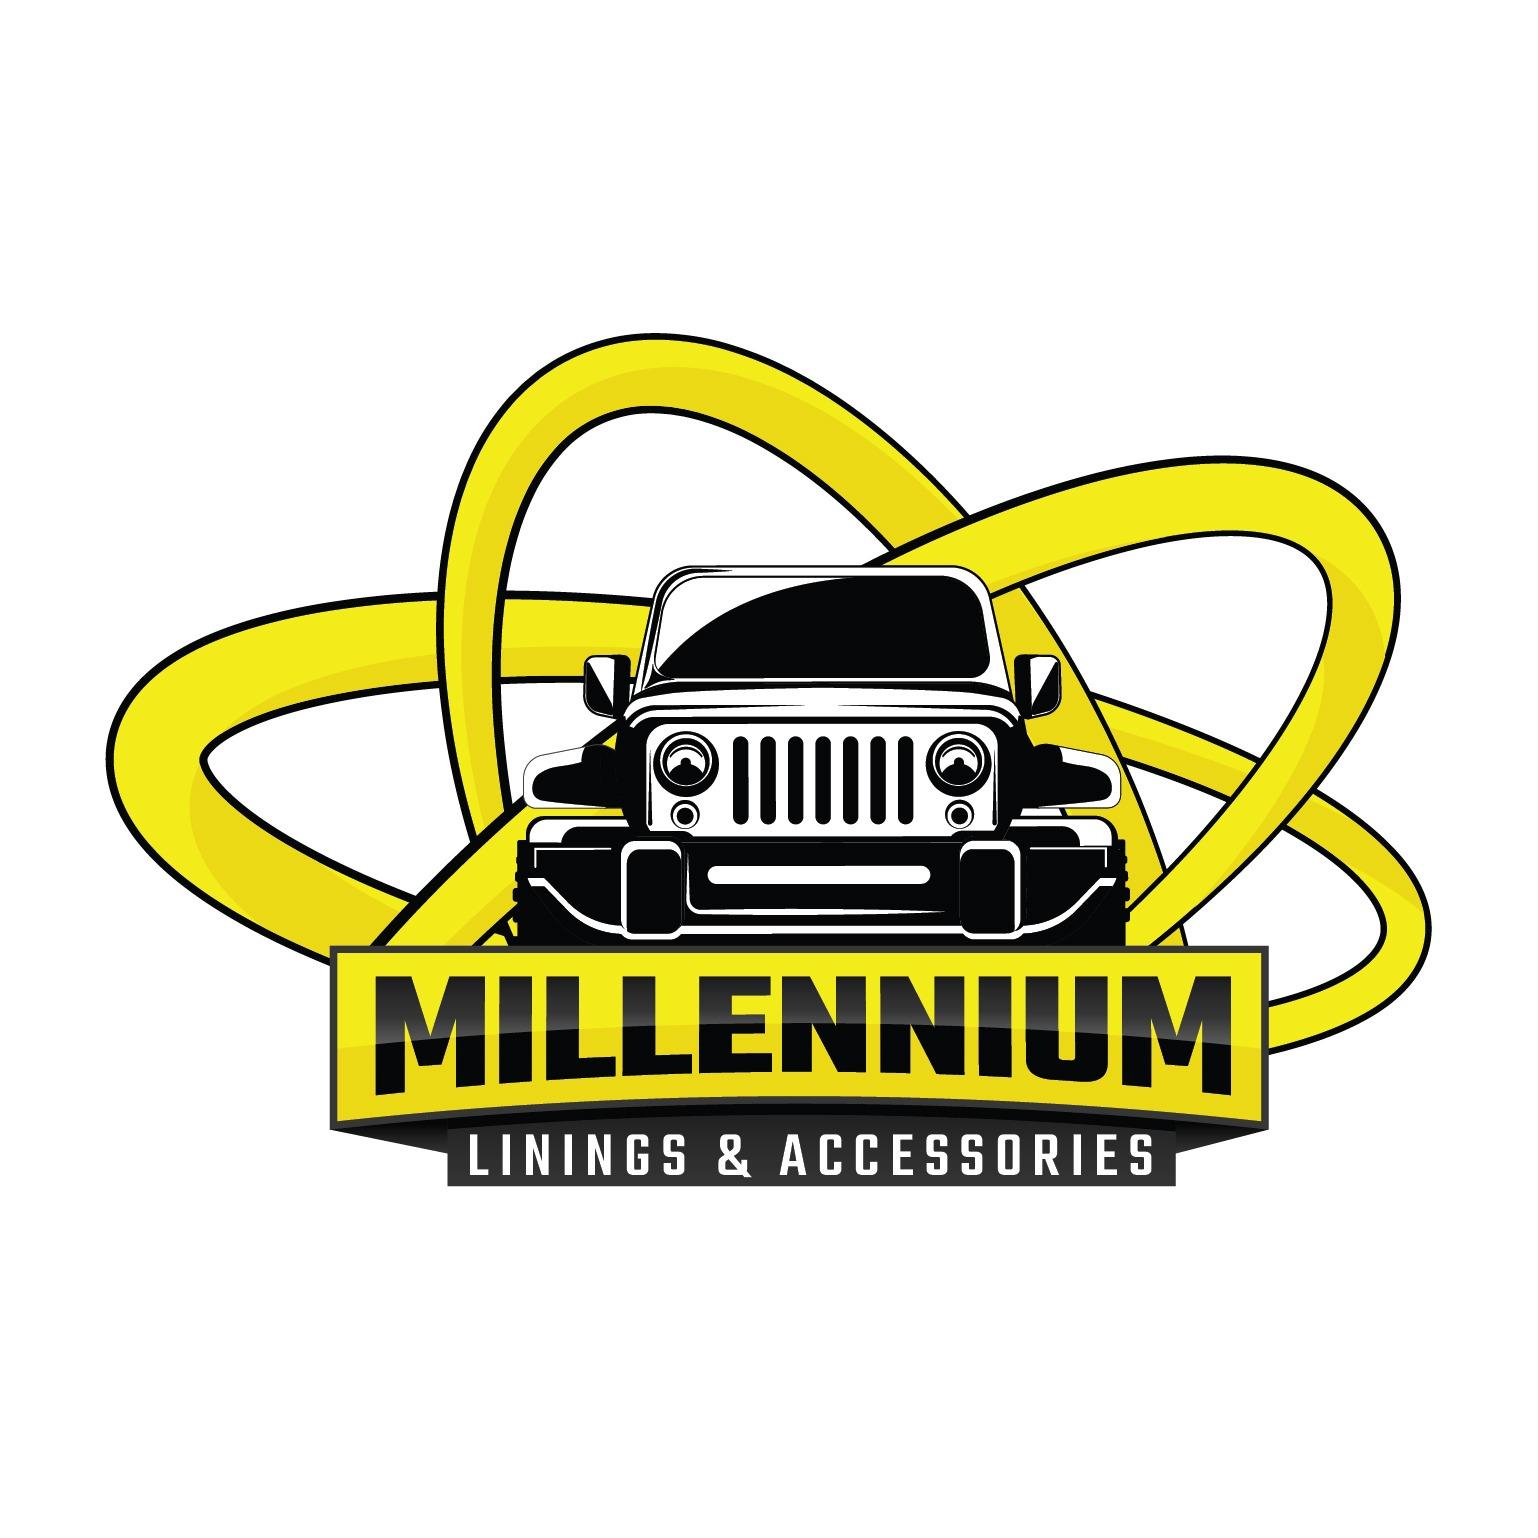 Millennium Linings & Accessories